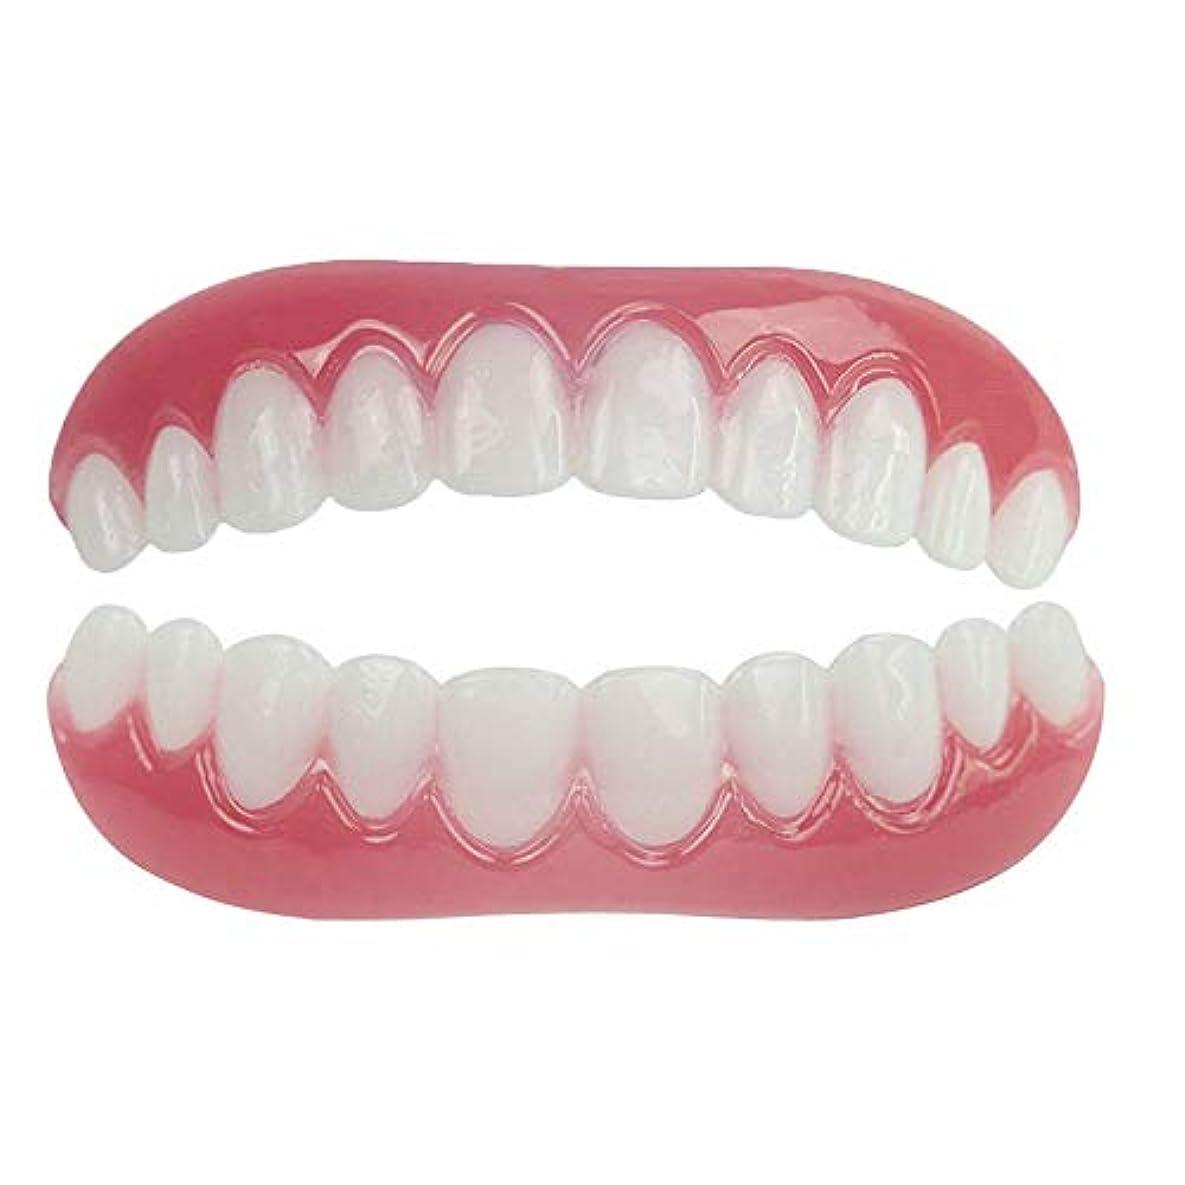 かすれた深いピューシリコンシミュレーションの上部および下部義歯スリーブ、歯科用ベニヤホワイトニングティーセット(1セット),Boxed,UpperLower